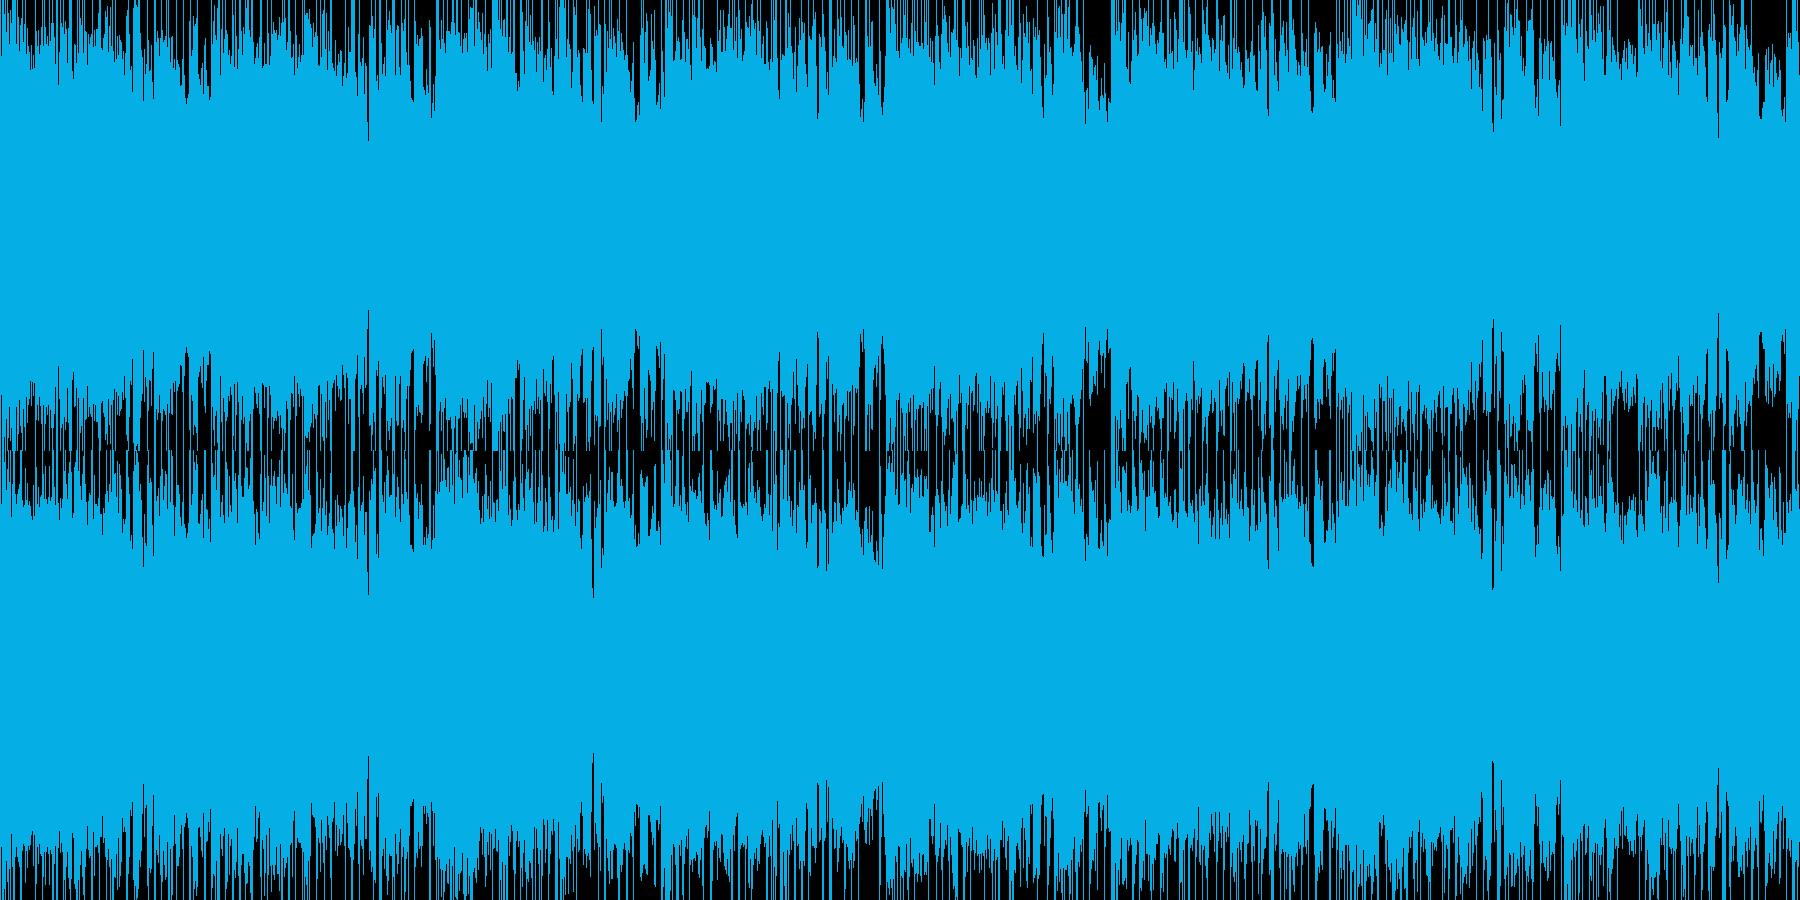 EDっぽい曲の再生済みの波形